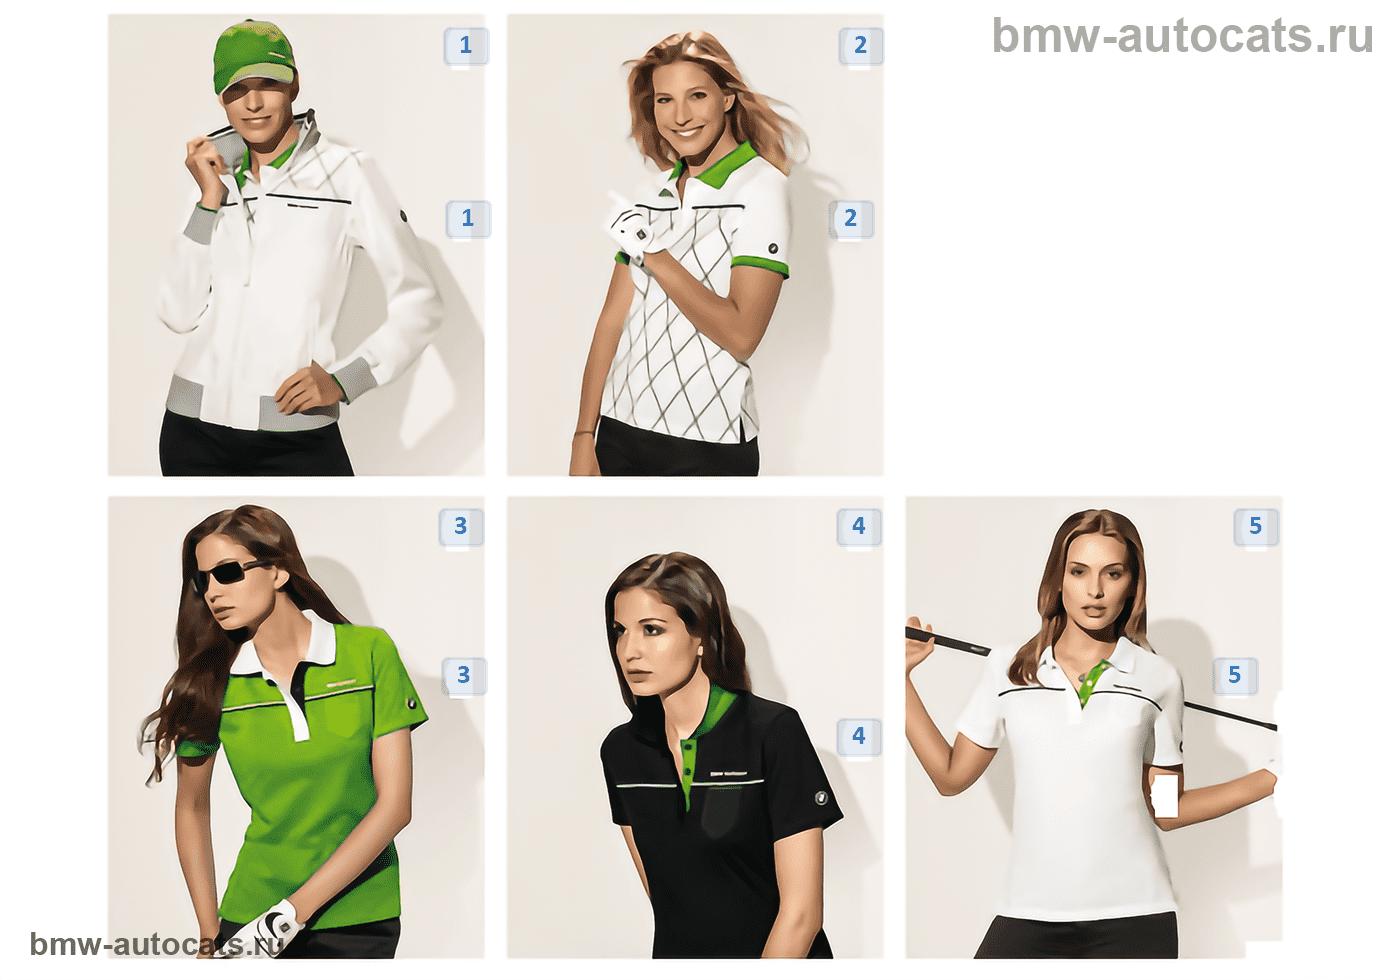 Golfsport — Damentextilien 2010/11